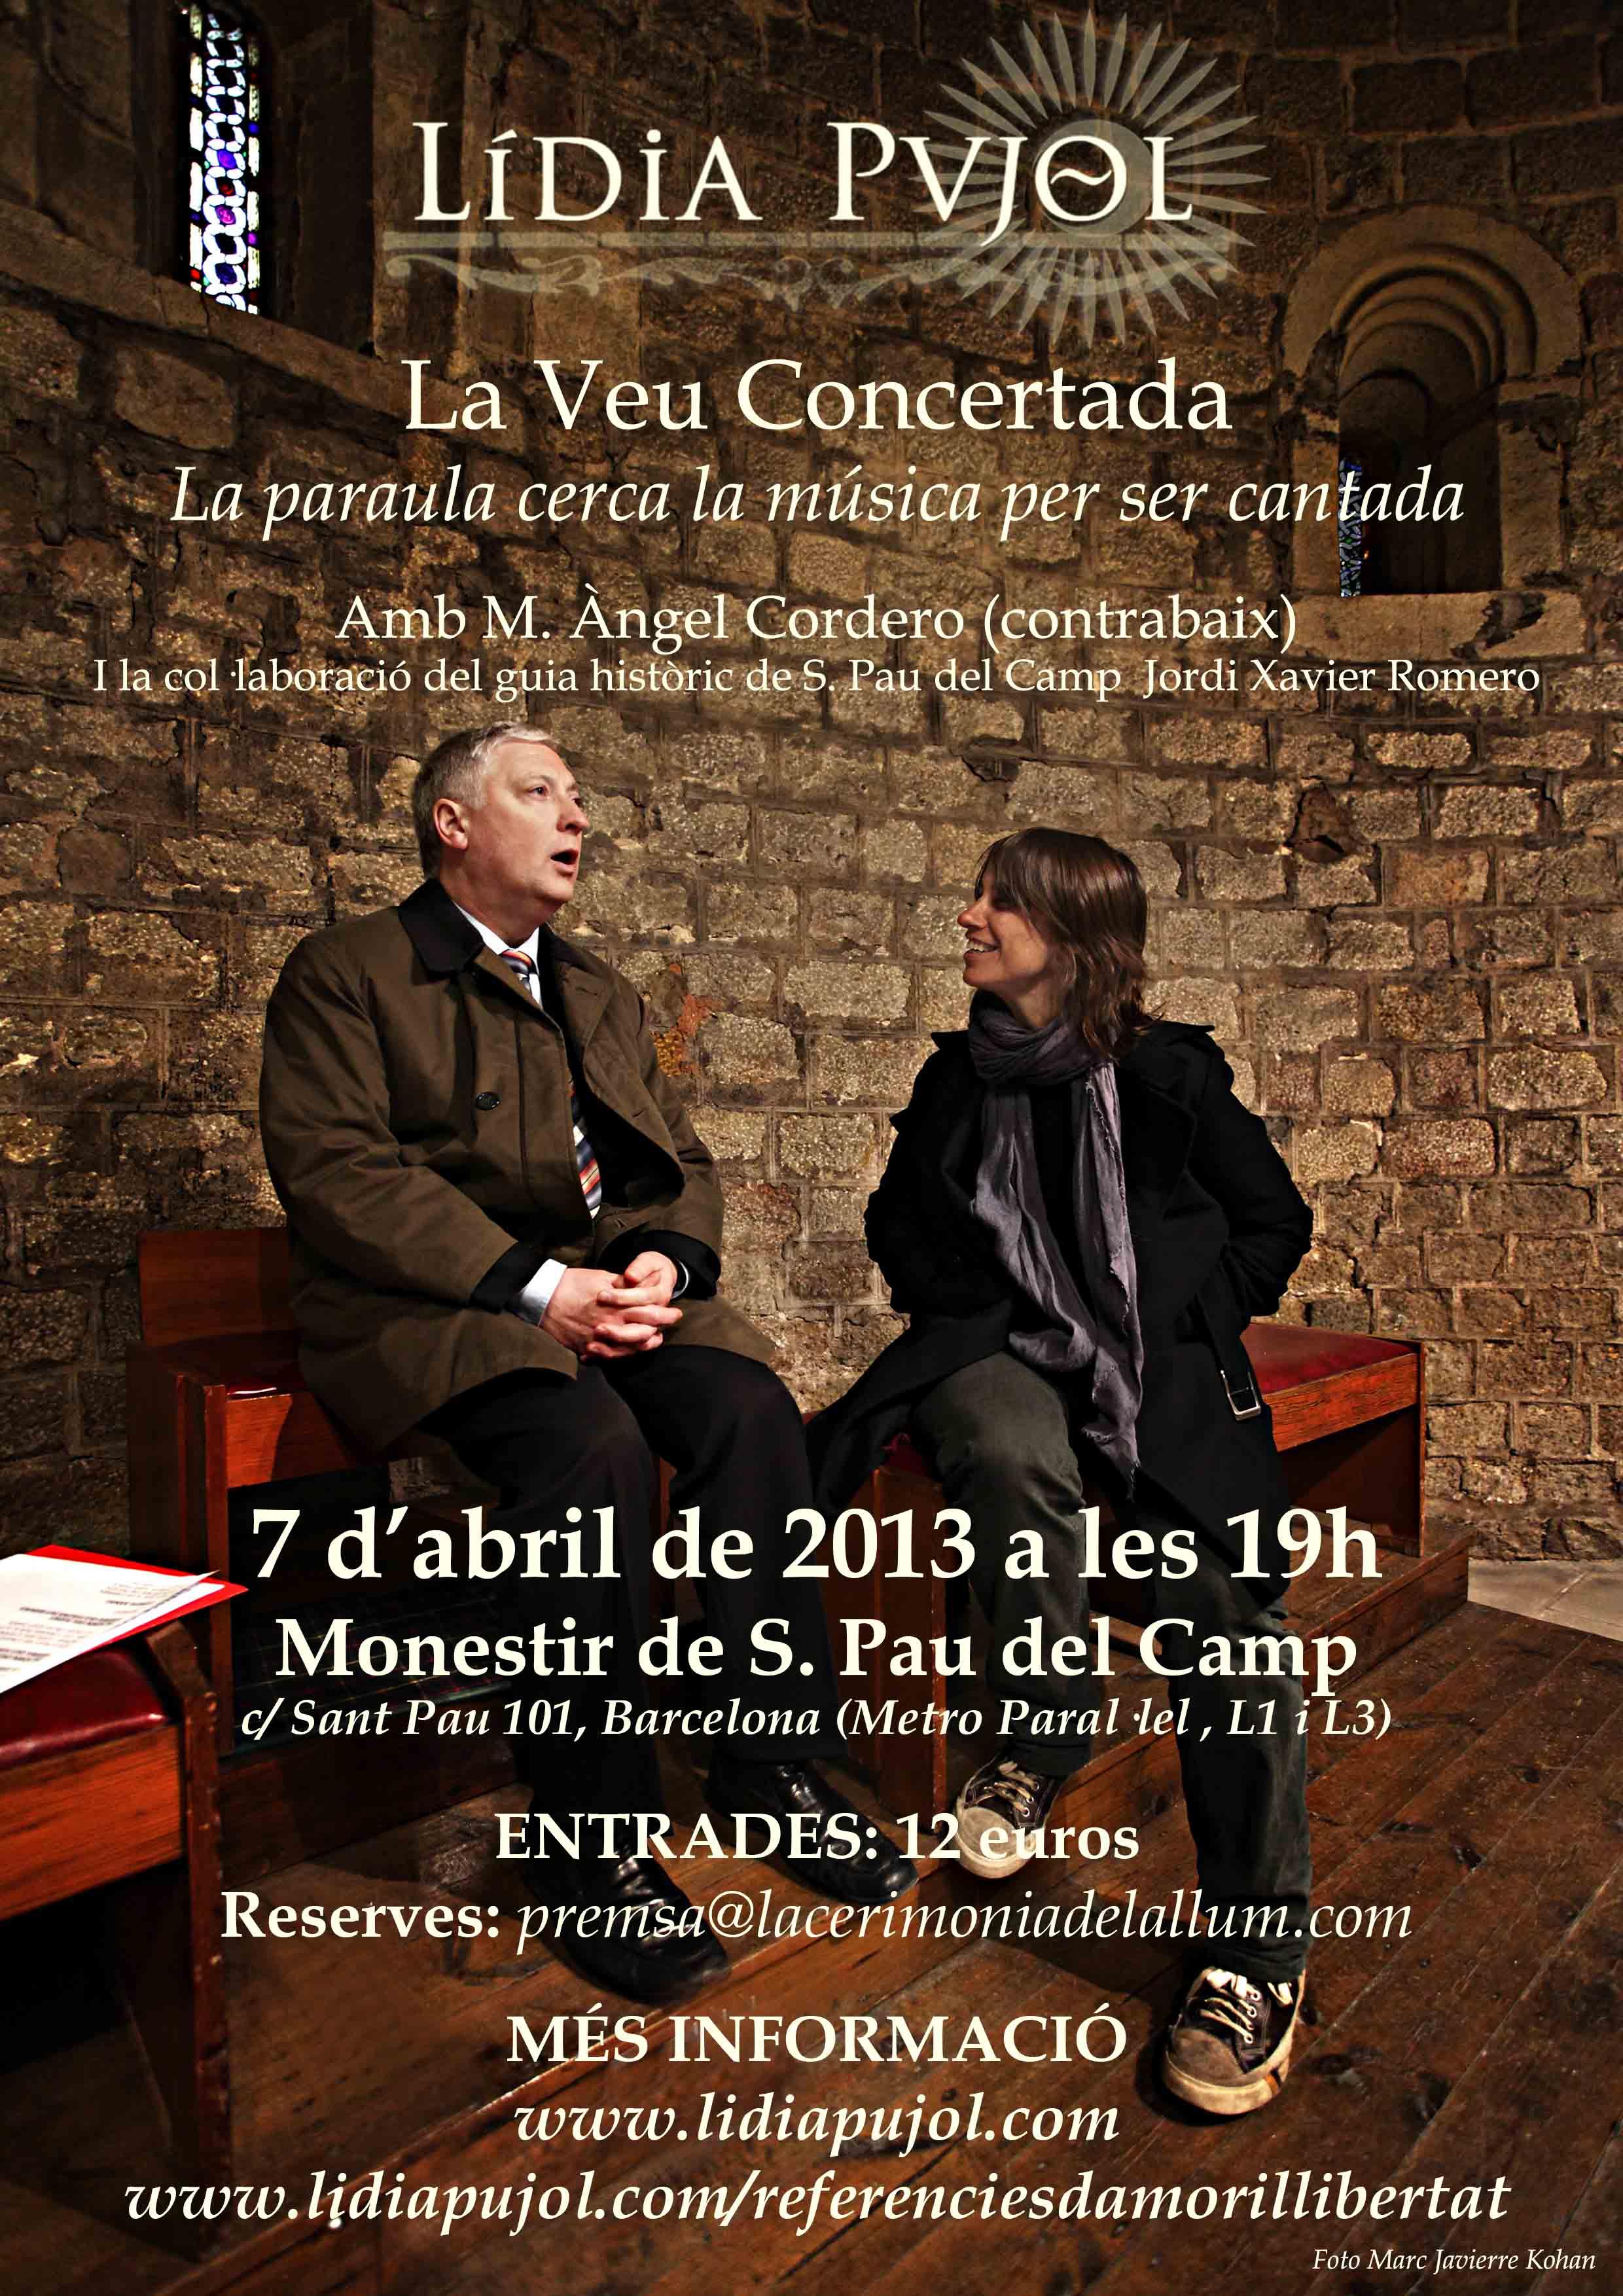 Concert «La veu concertada: la paraula cerca la música per ser cantada» – 7 d'abril a les 19h